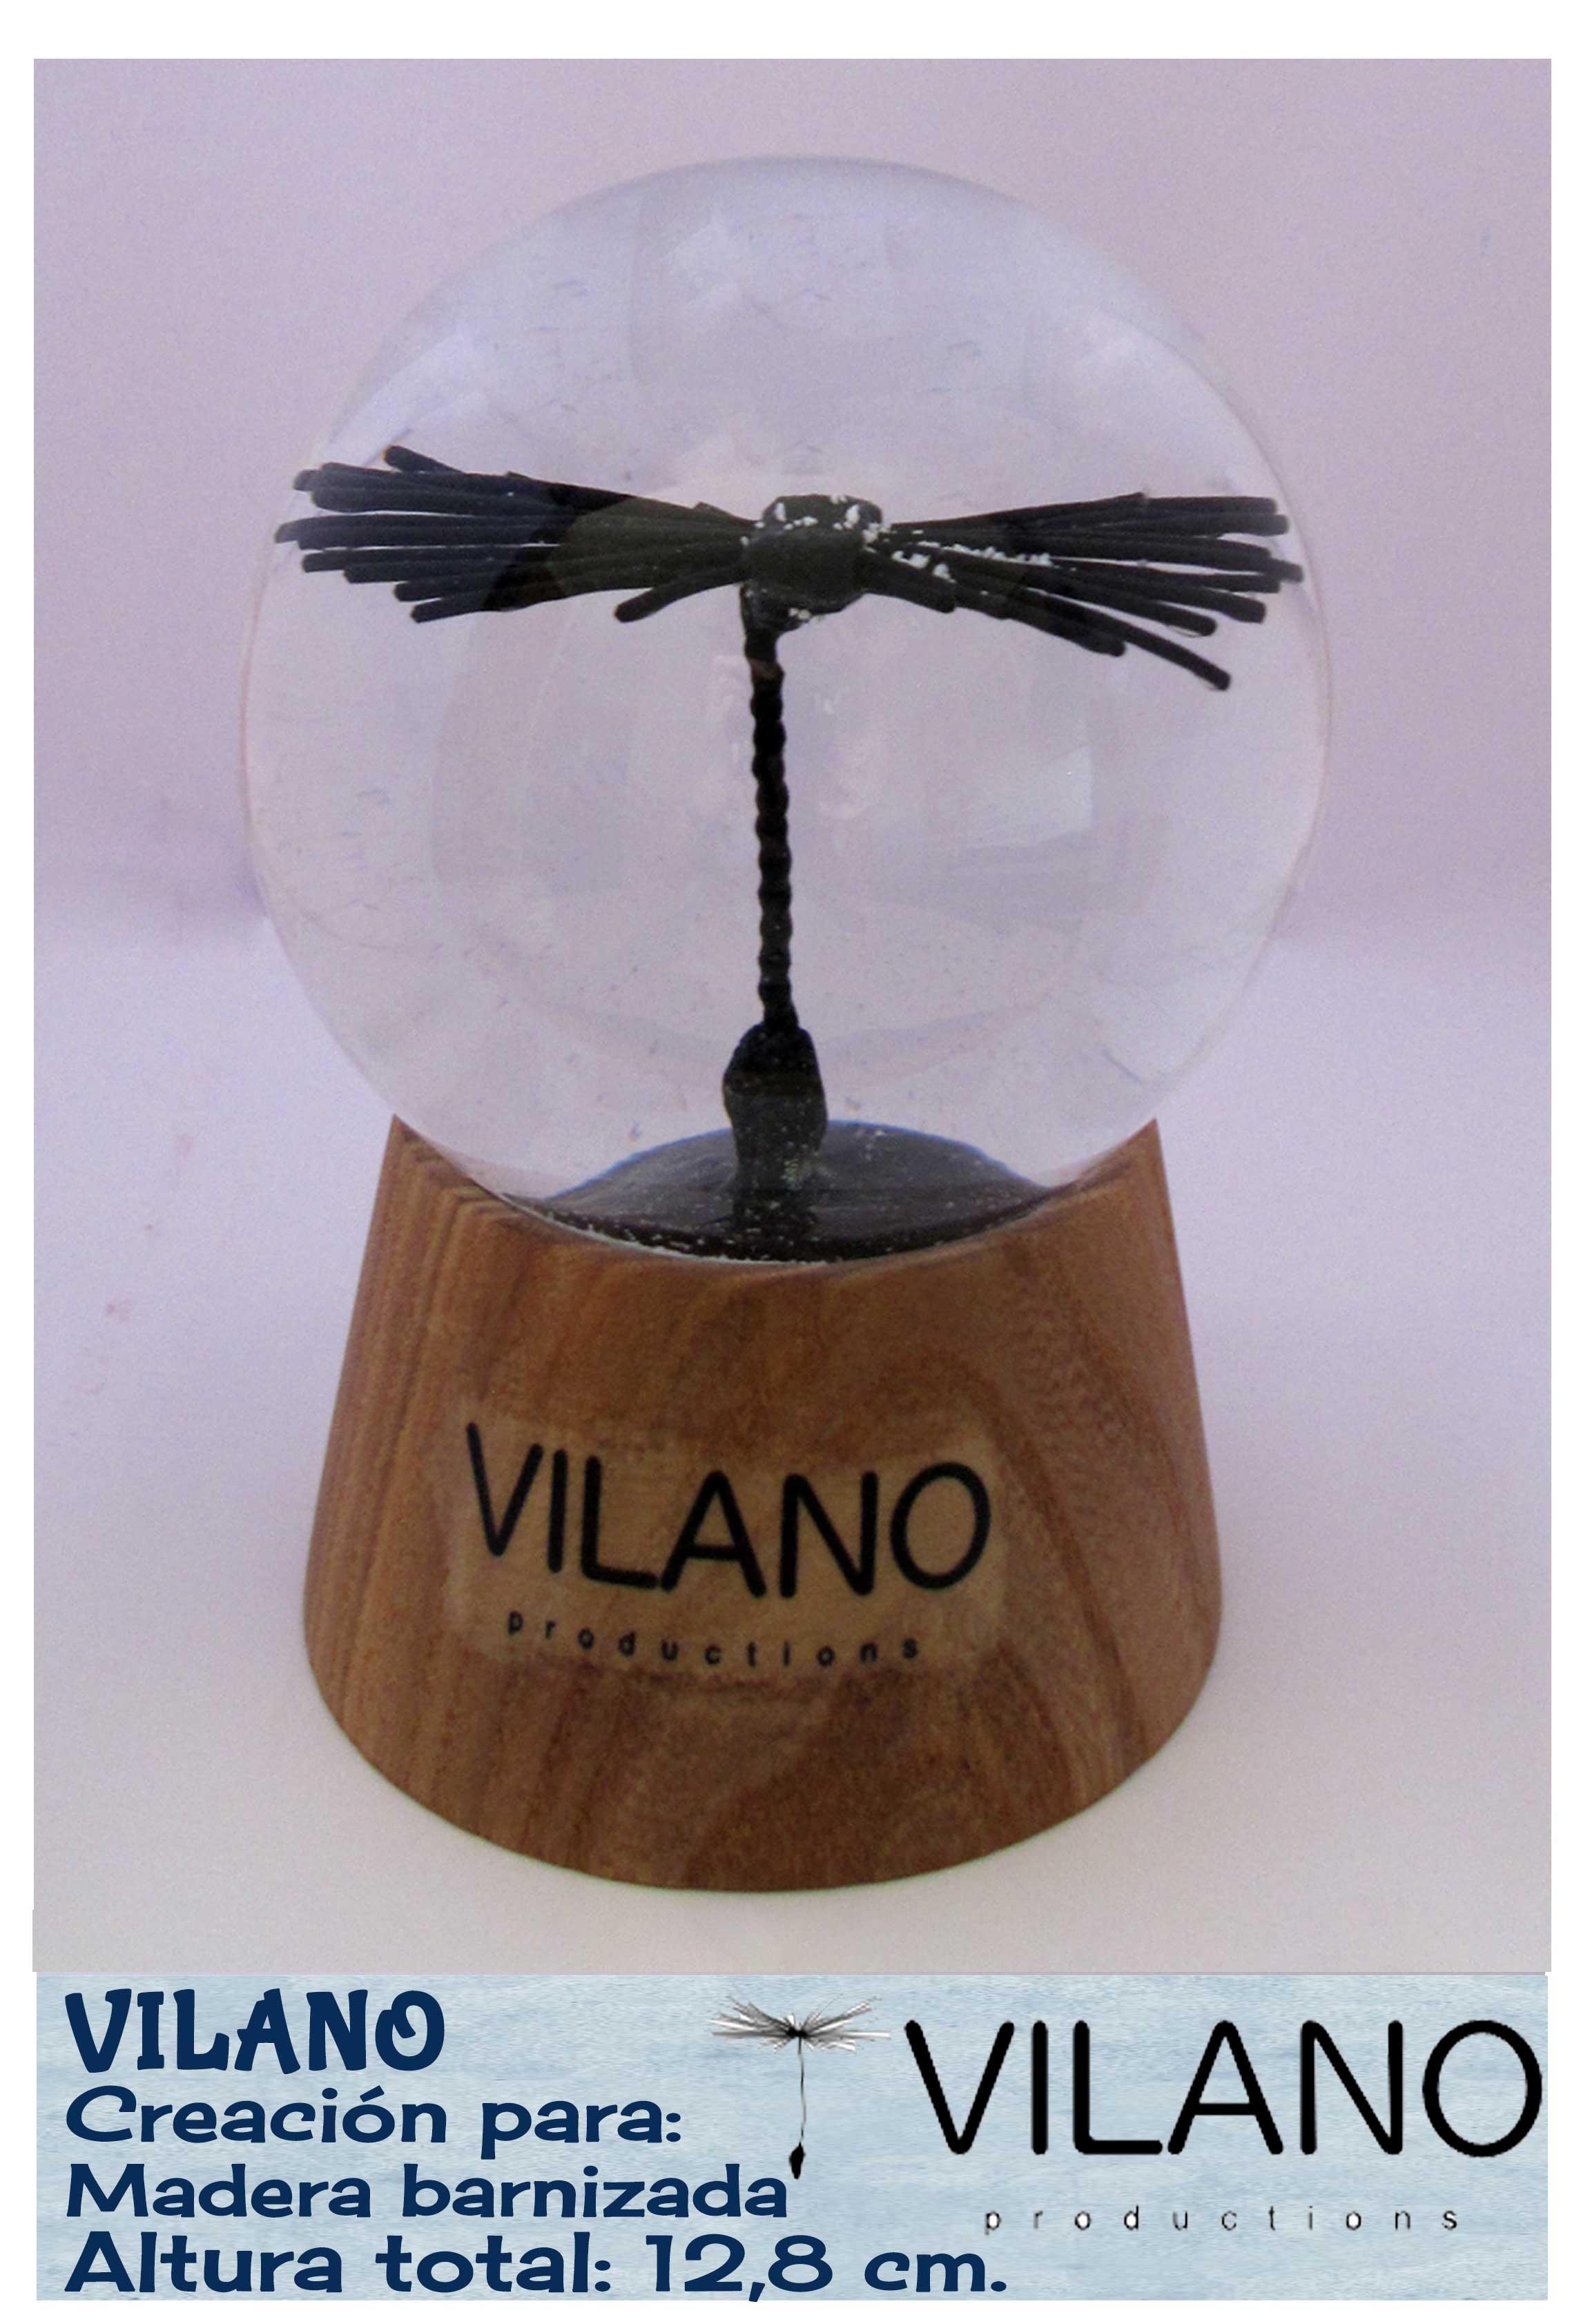 Bola de nieve personalizada con reproducción de vilano. Creada por QueNieve